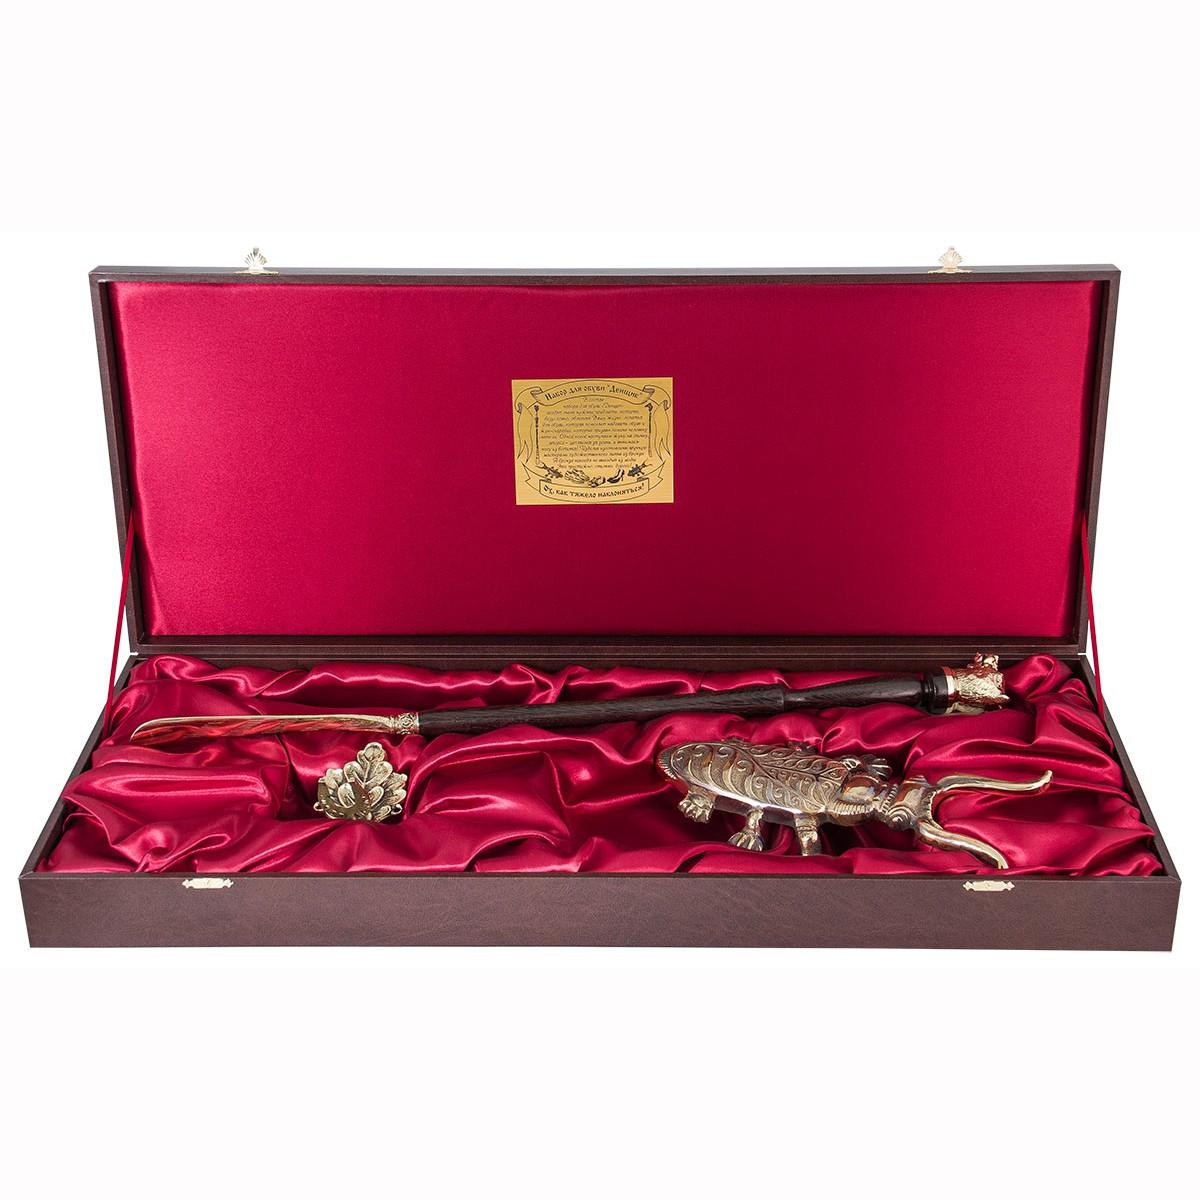 Подарочный набор для обуви «Денщик» - рожок большой «Медведь» с крючком «Дубовый лист»